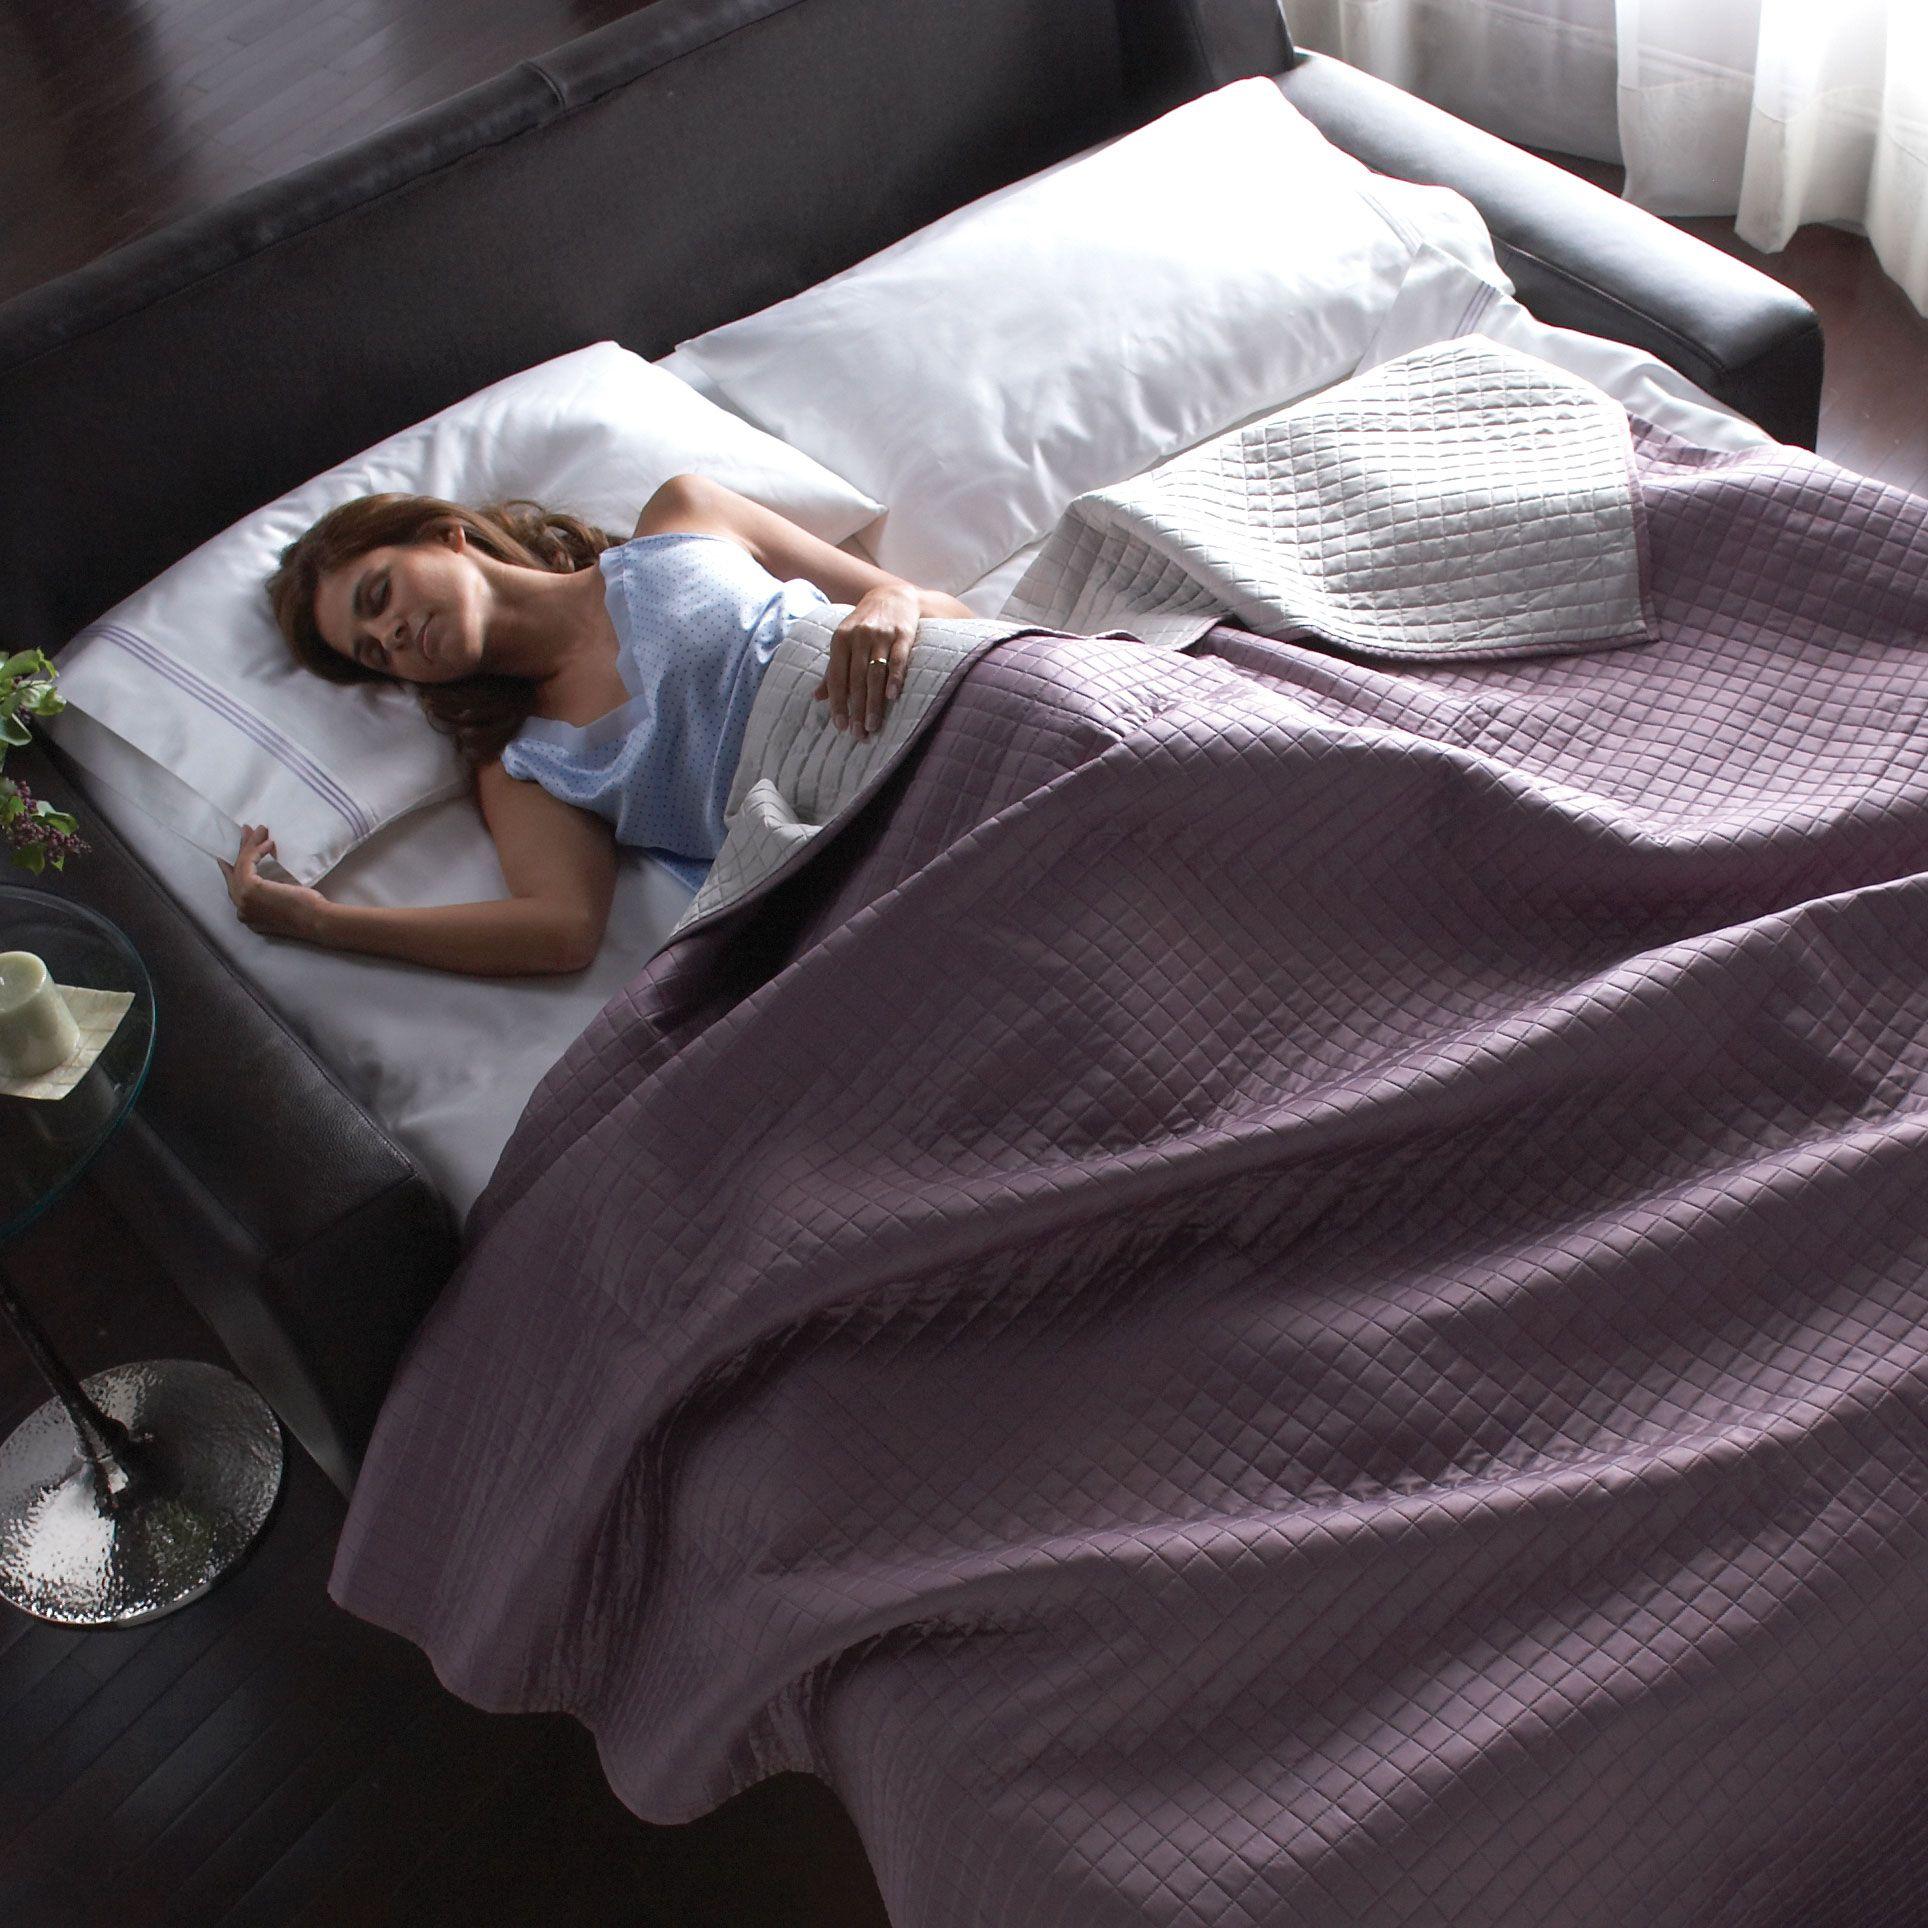 comfort sleeper open sleeping.jpg Bed, Sofa bed, Sofa